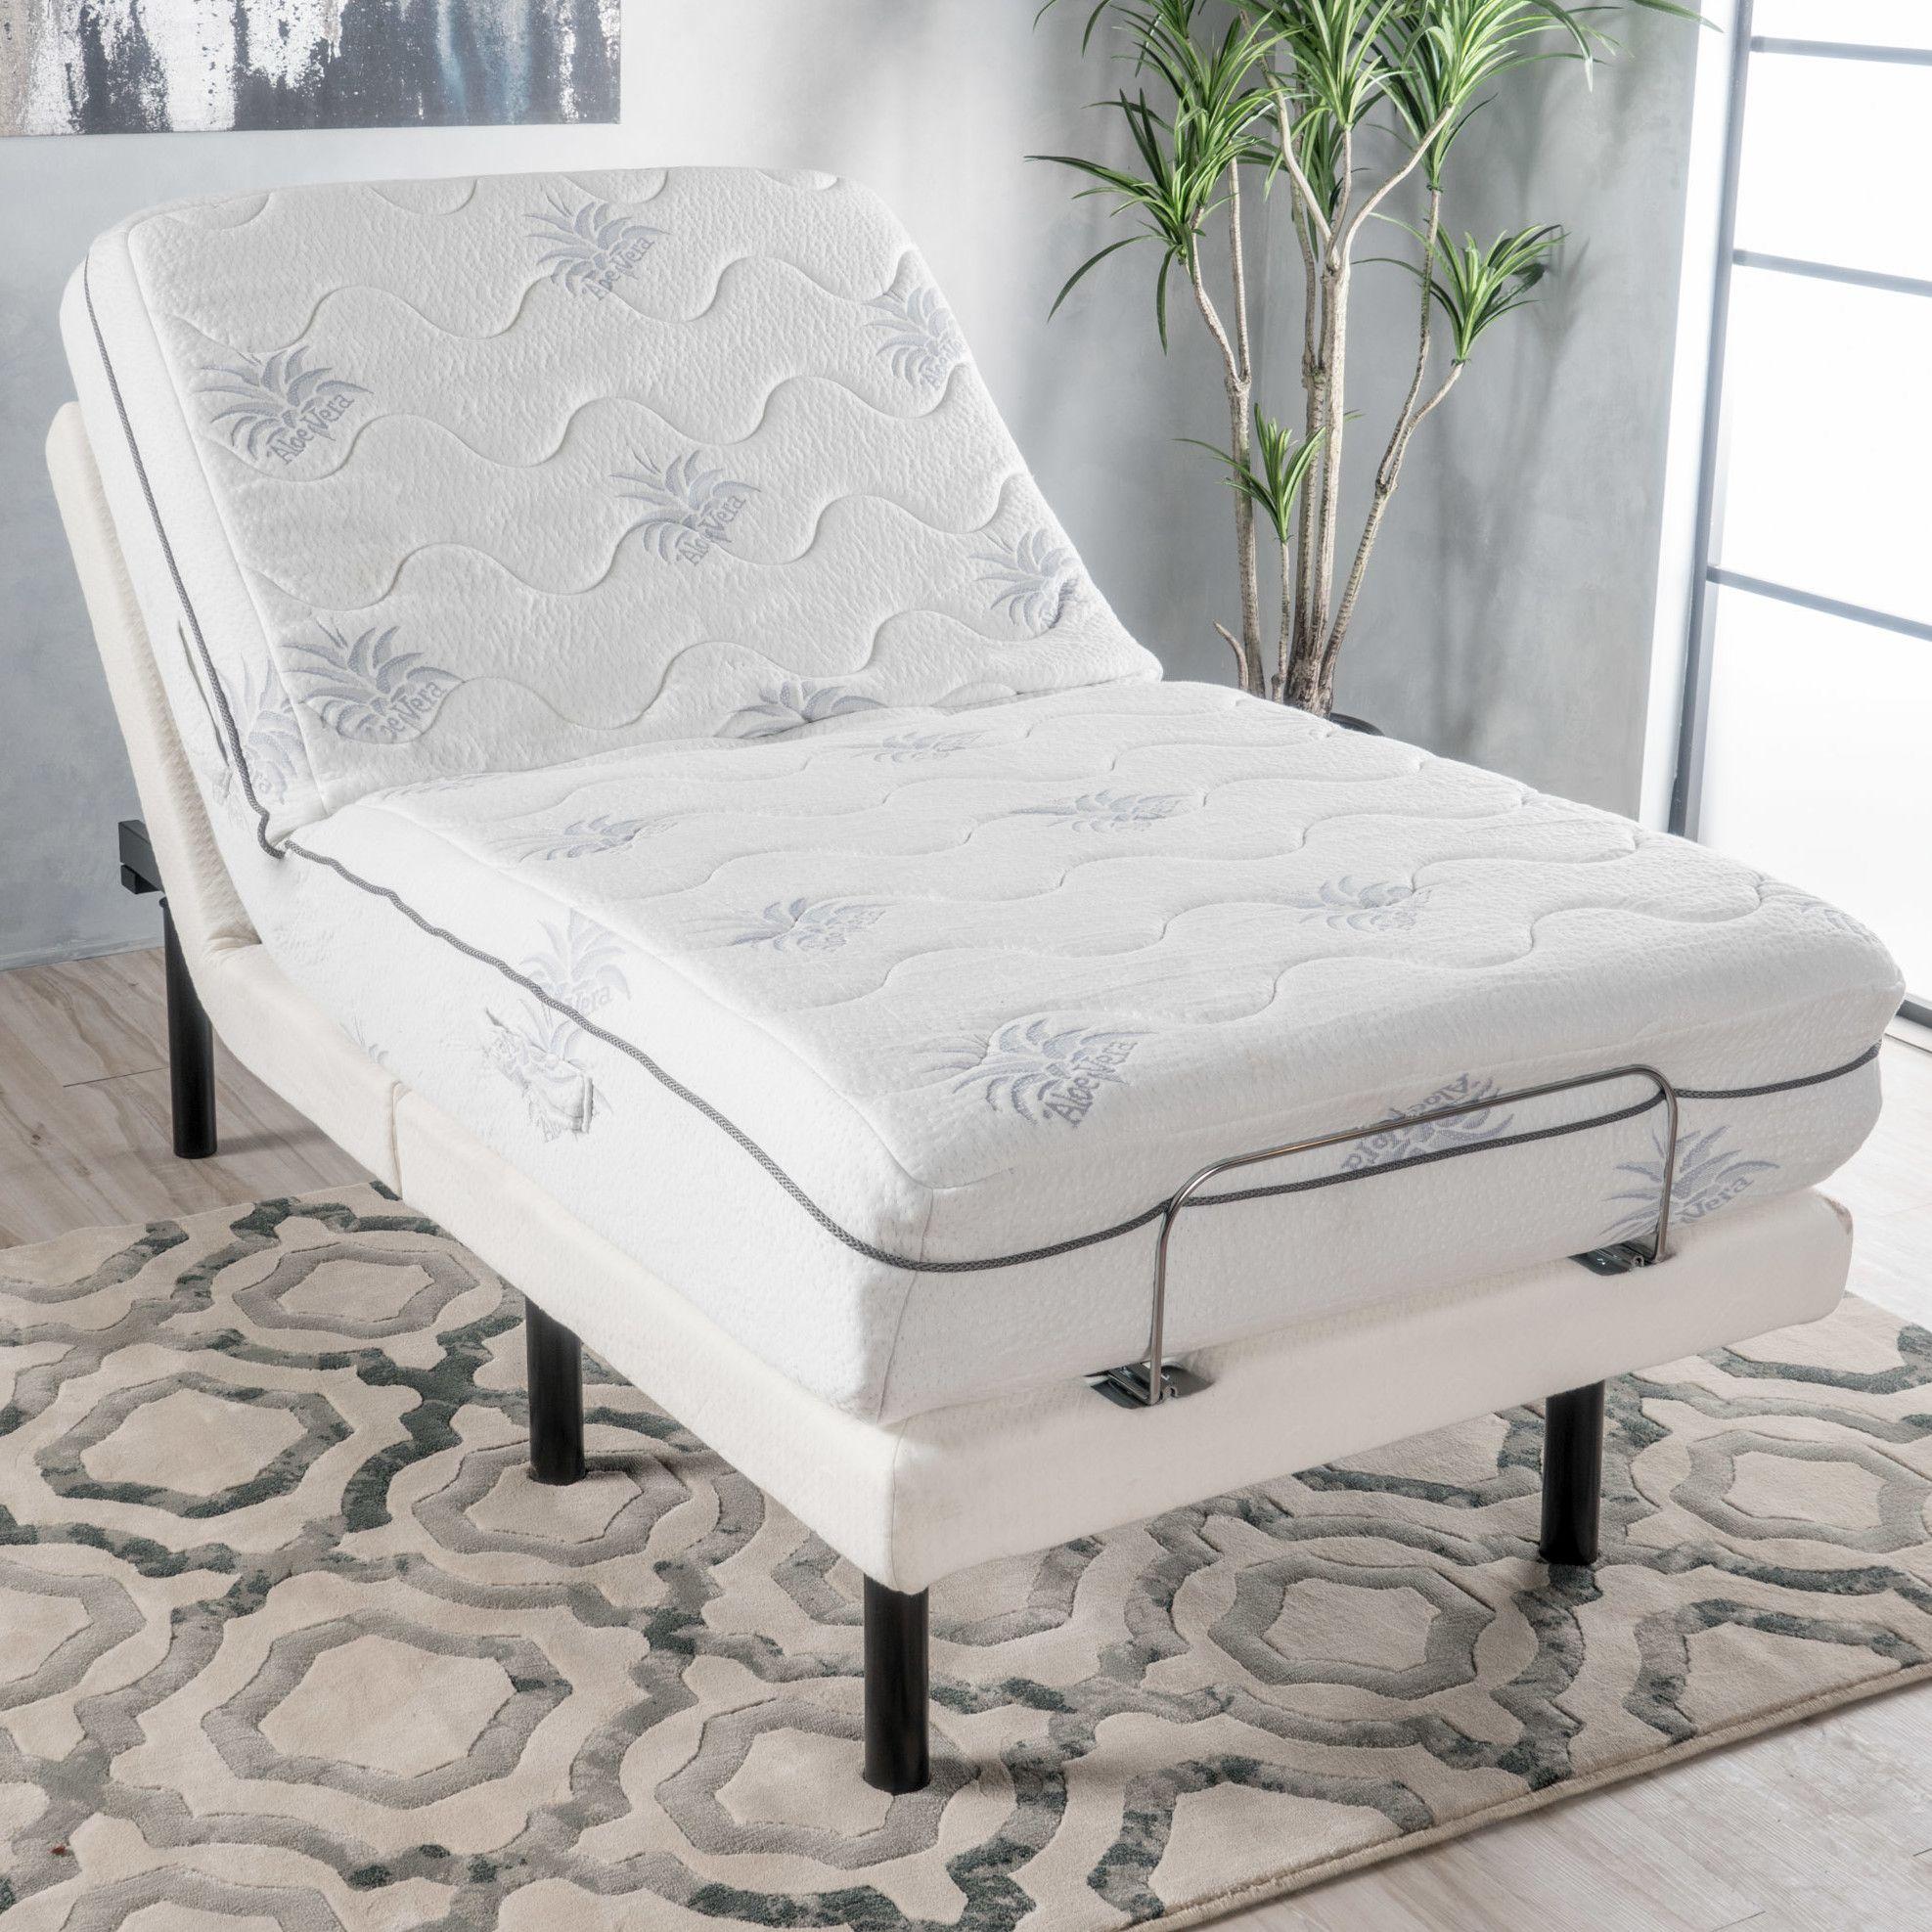 Blough Bed Frame Adjustable beds, Home decor furniture